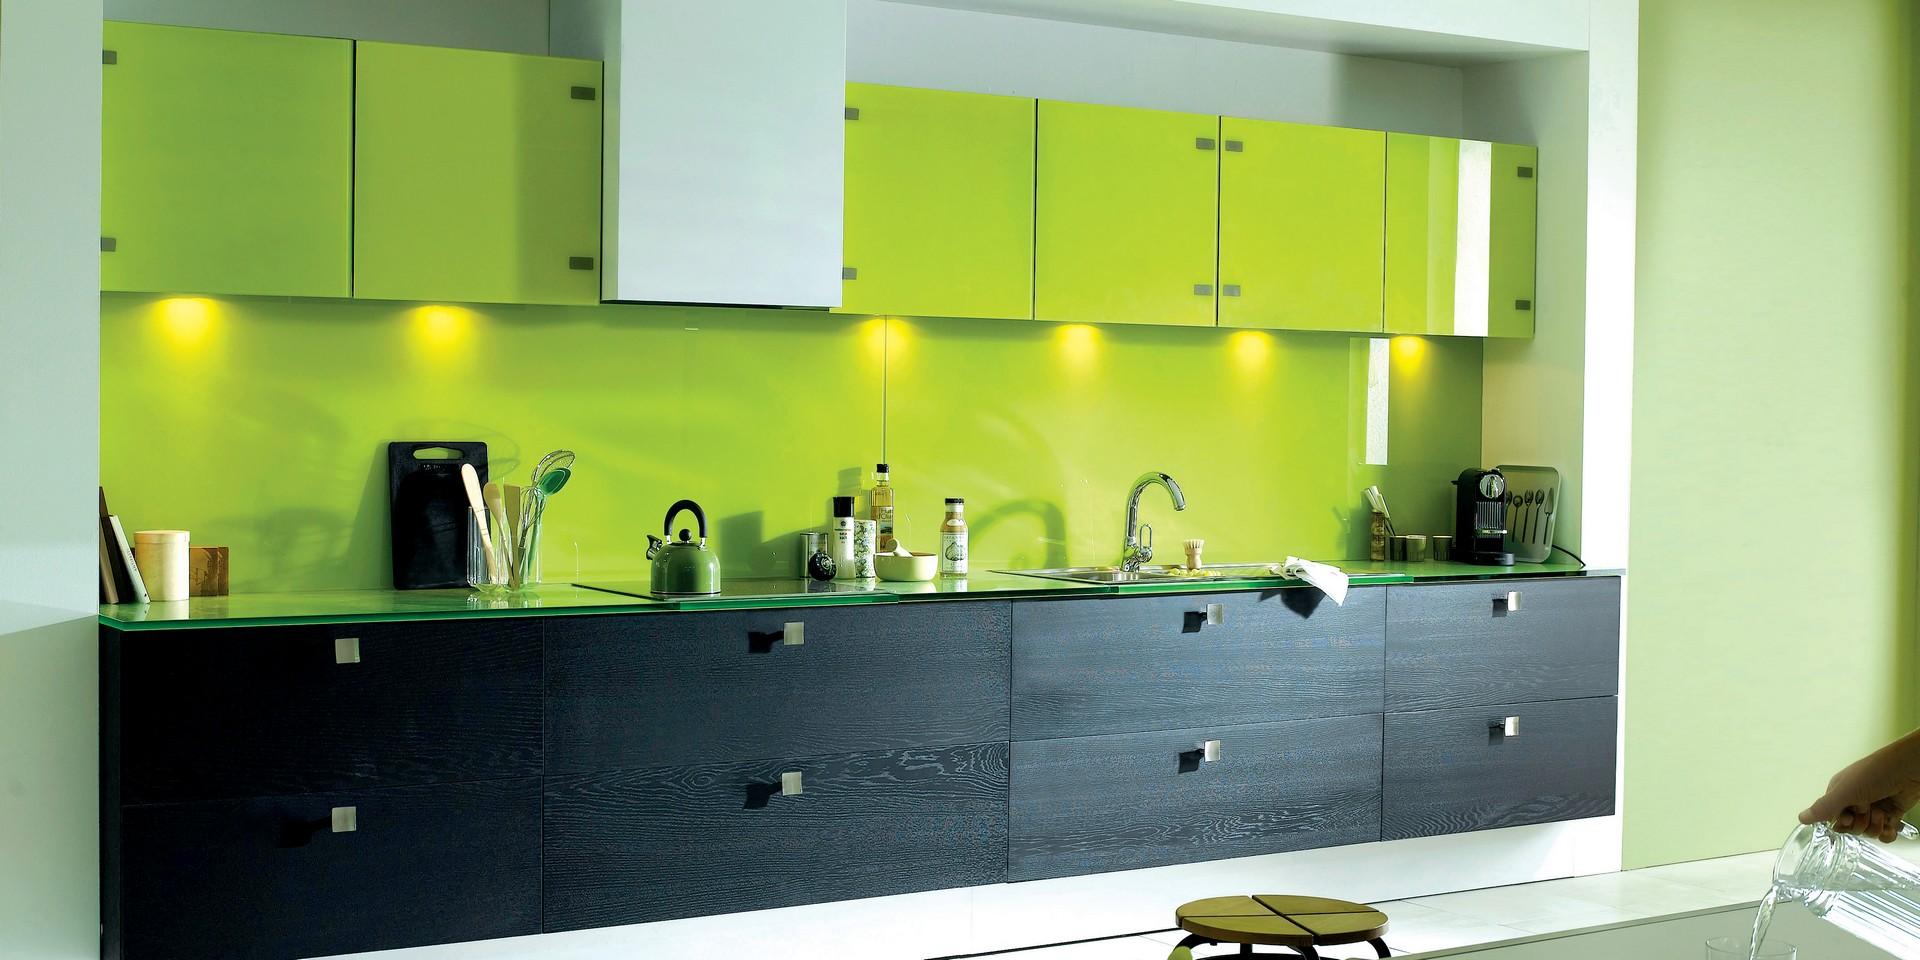 Votre cuisine équipée - moderne, contemporaine, design ...